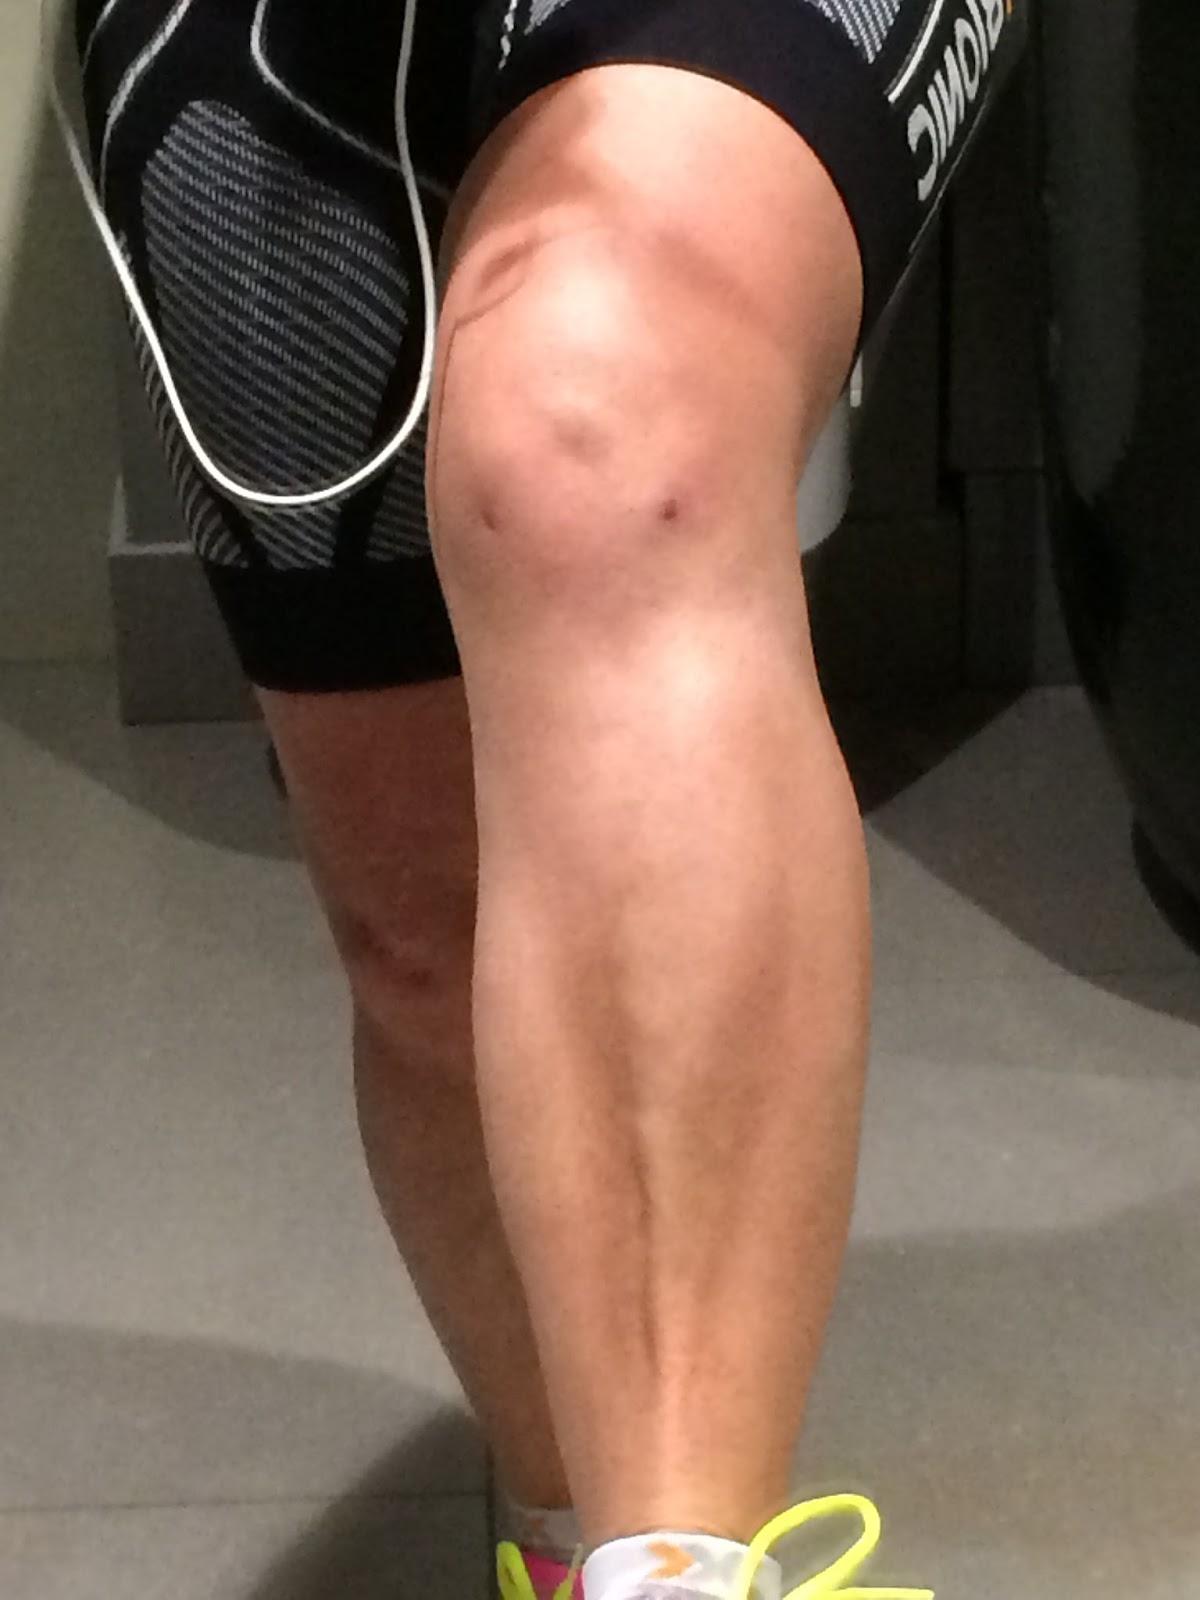 kikkertoperation knæ